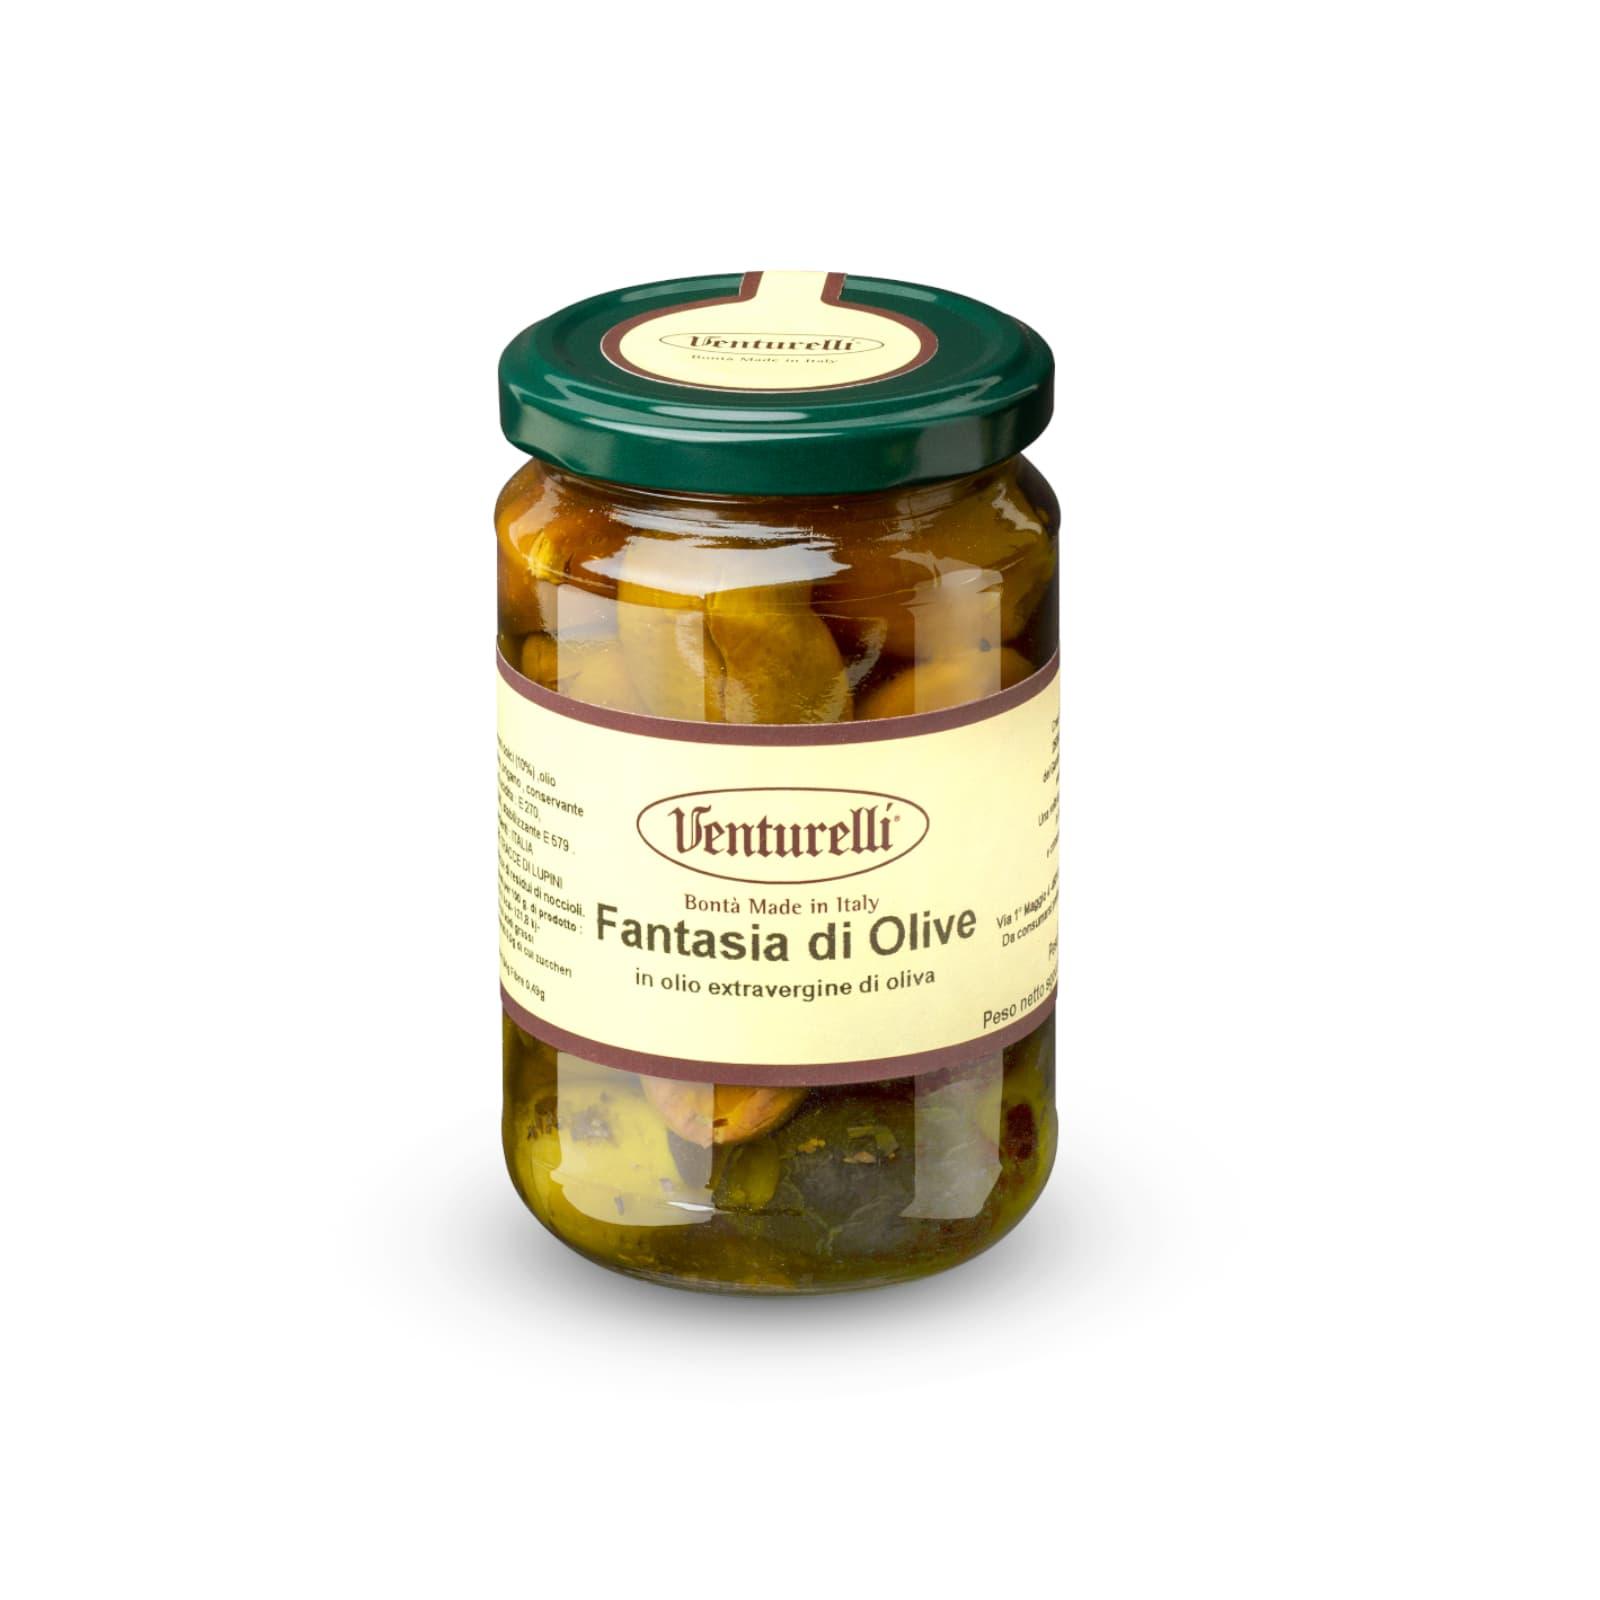 Fantasia di olive sott'olio